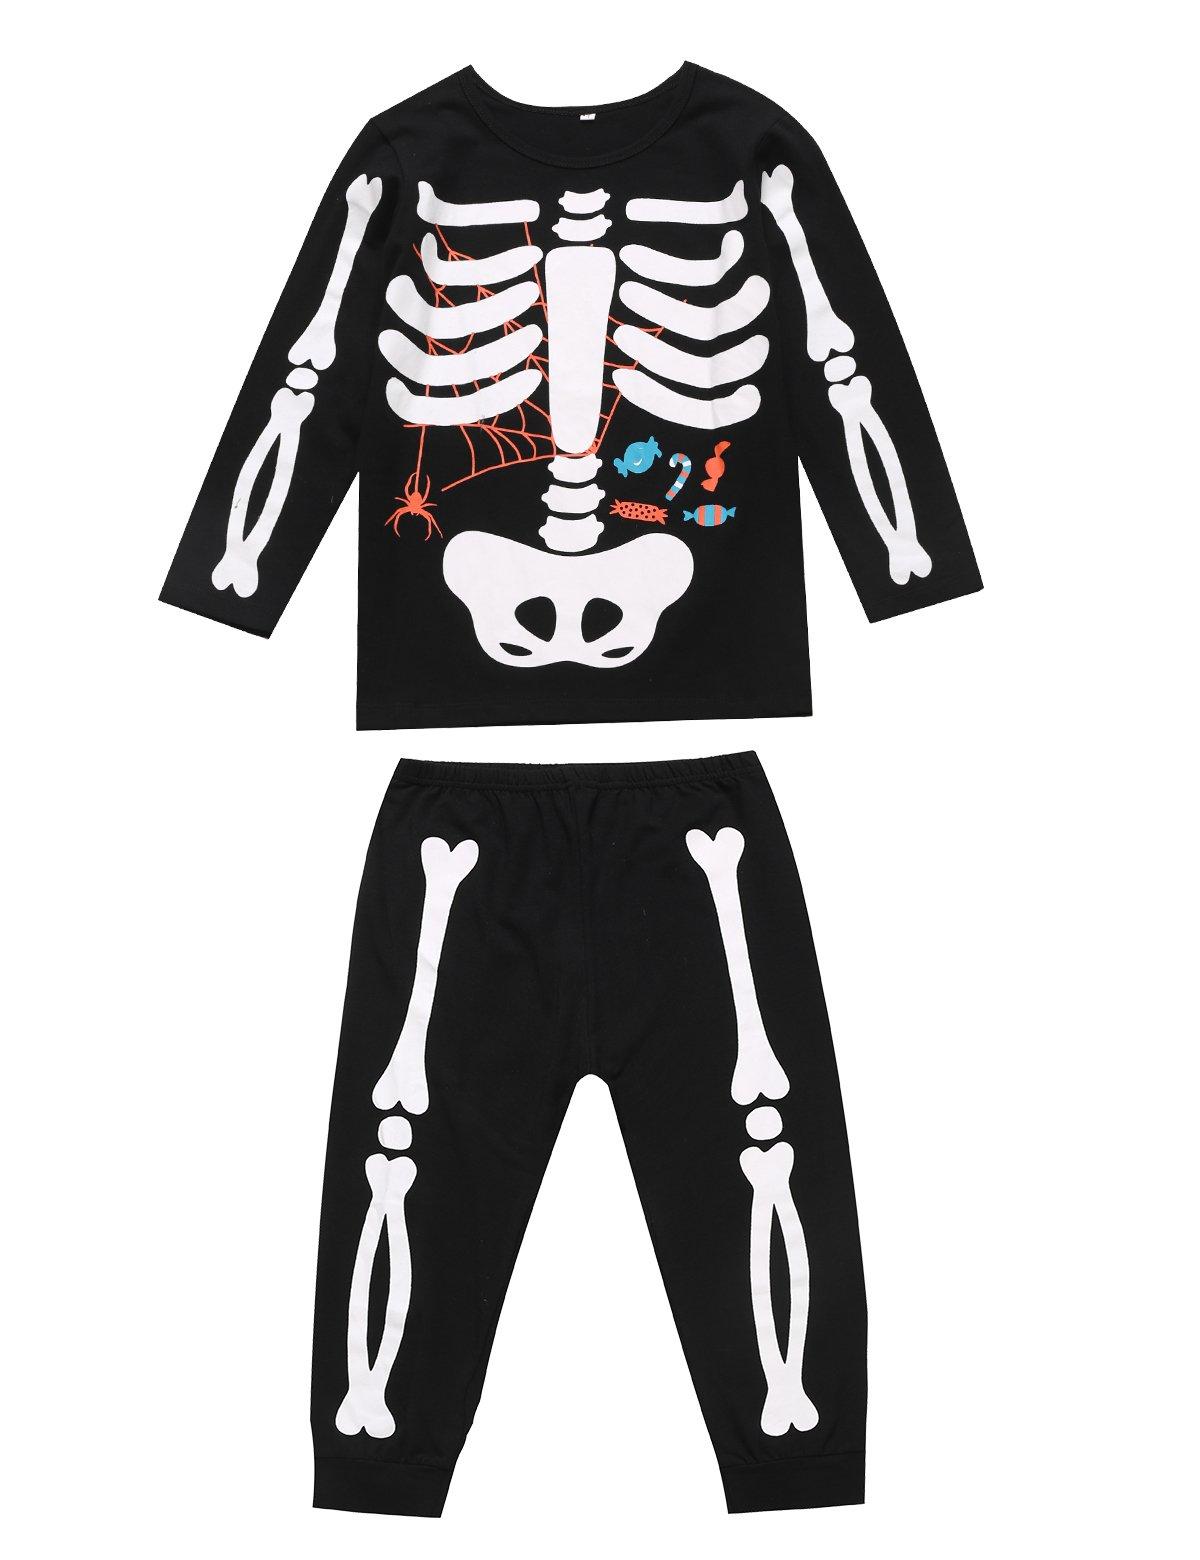 Little Fancy Halloween Unisex Boys' Kids Skeleton Costume Outfit Pants Set (7T) by Little Fancy (Image #1)